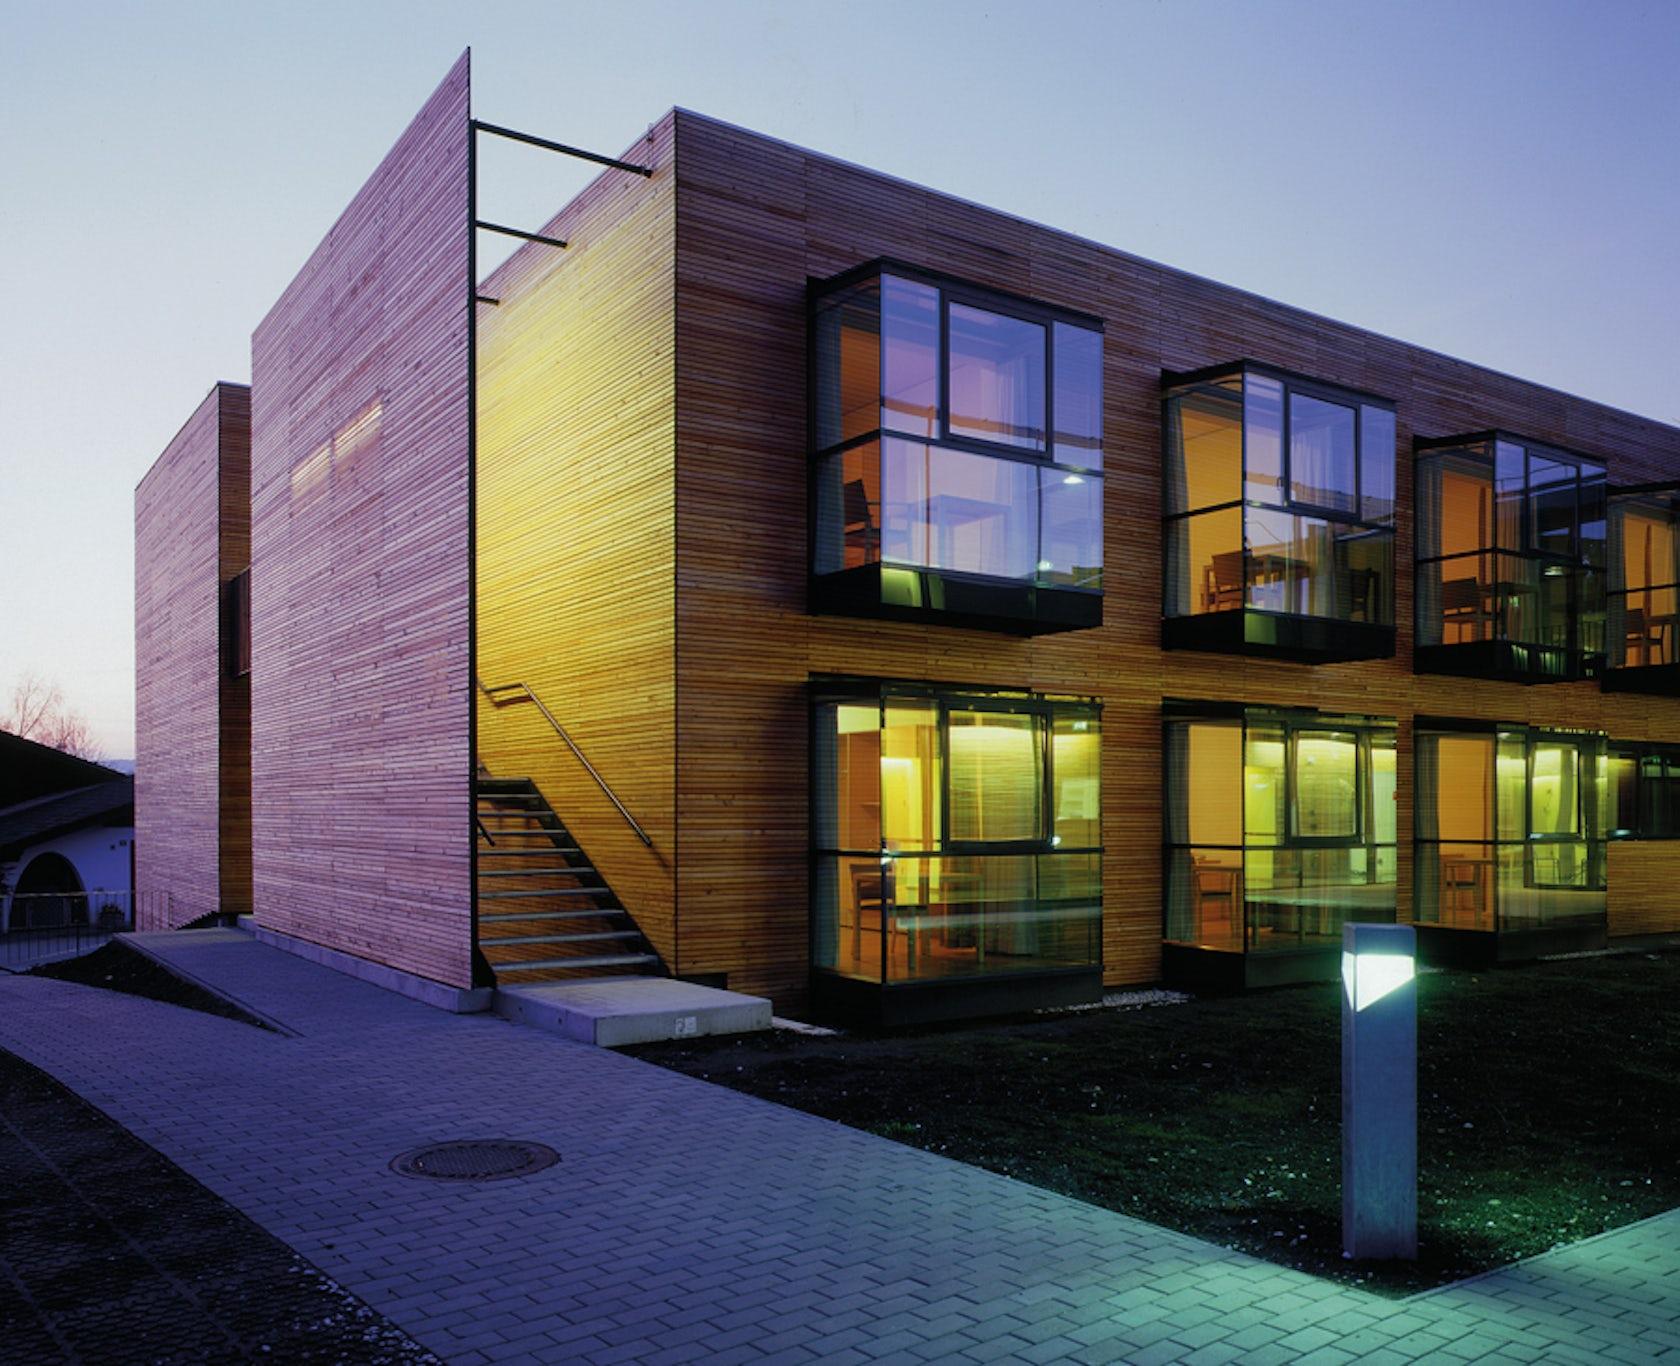 Senior citizens residence st nikolaus architizer for Home design ideas for seniors